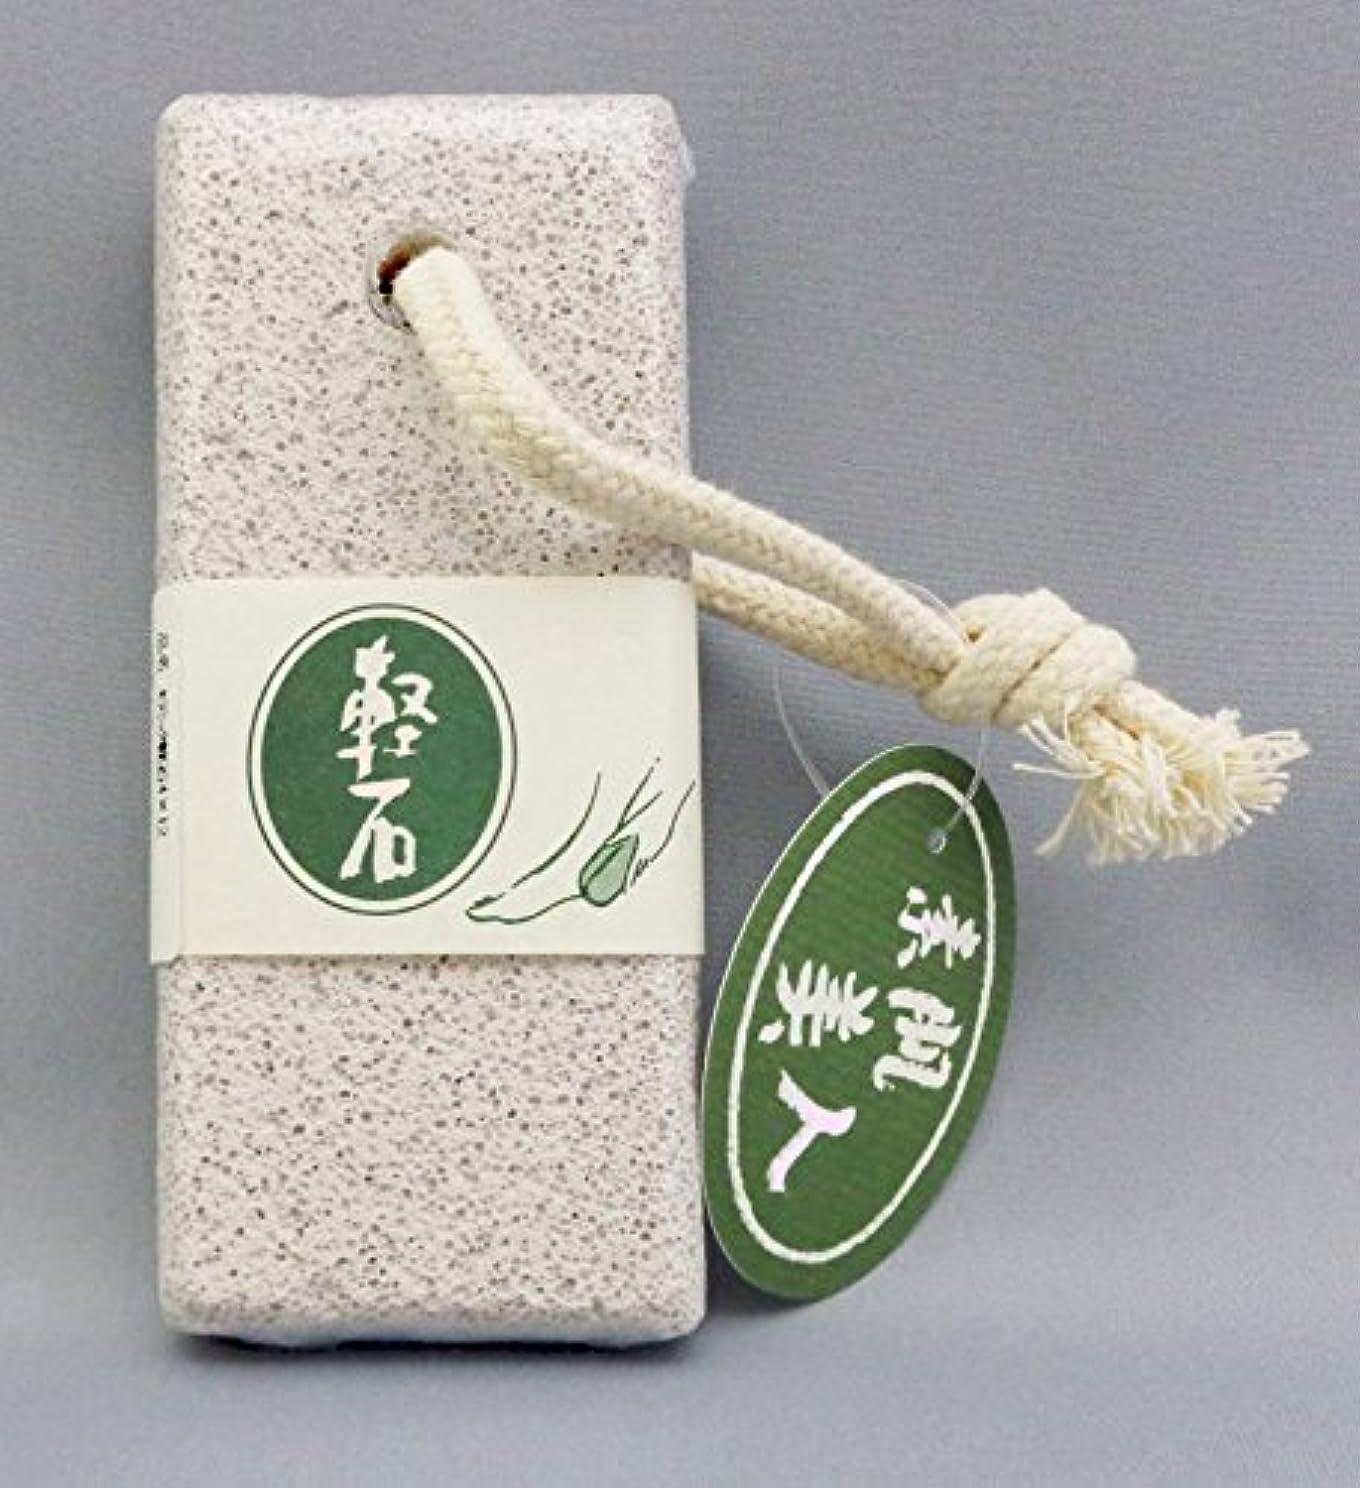 シオザキ No.19 セラミック軽石 4x12 天然丸軽石 ヒモ付